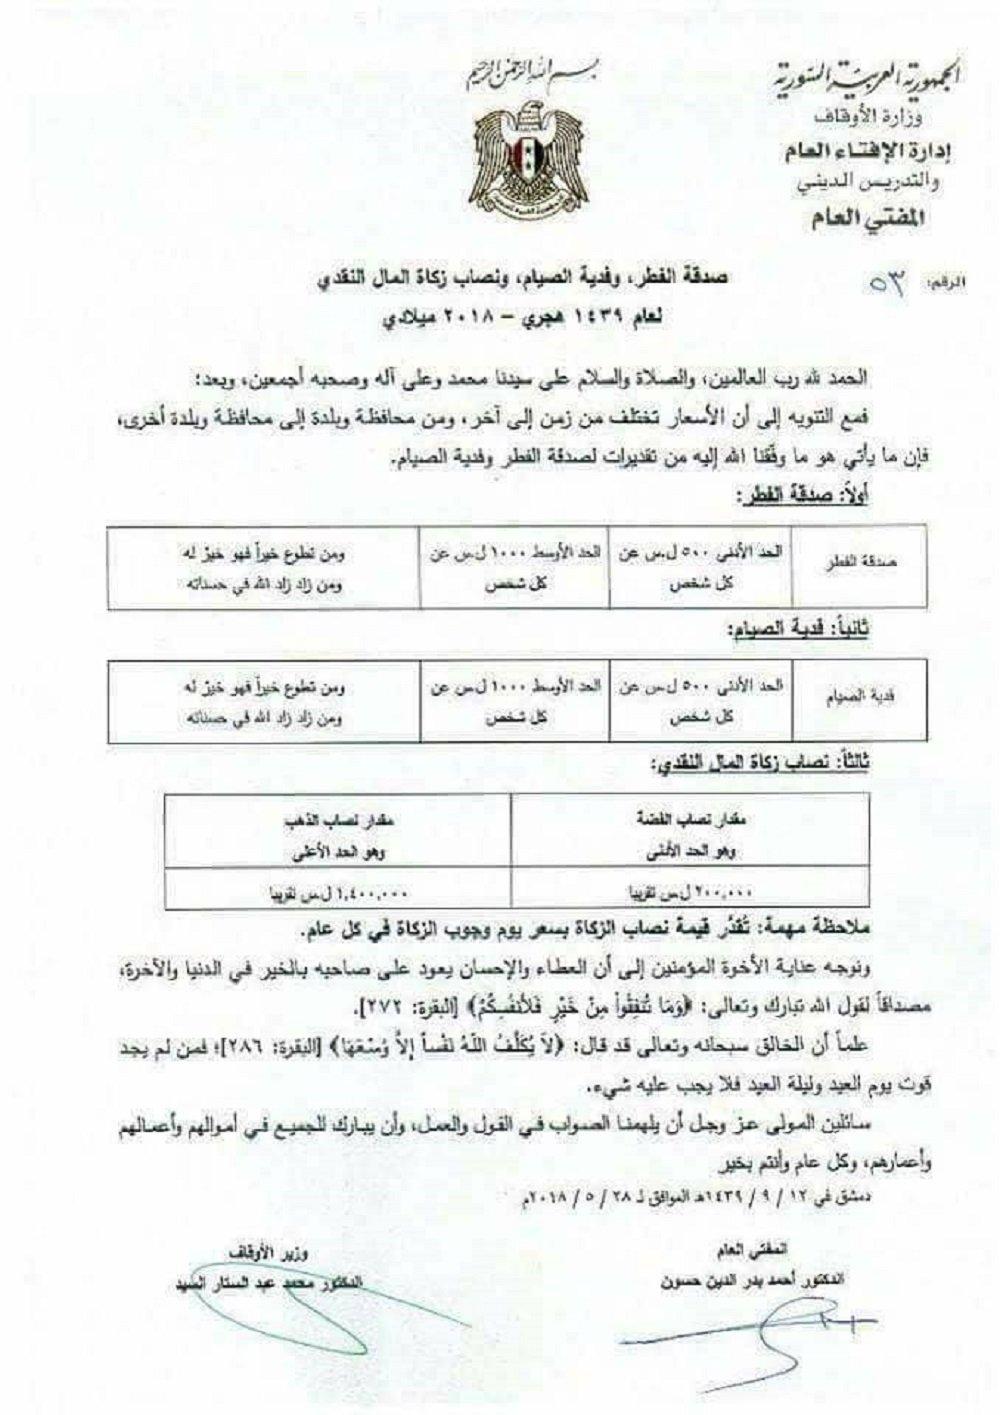 صدقة عيد الفطر في سوريا